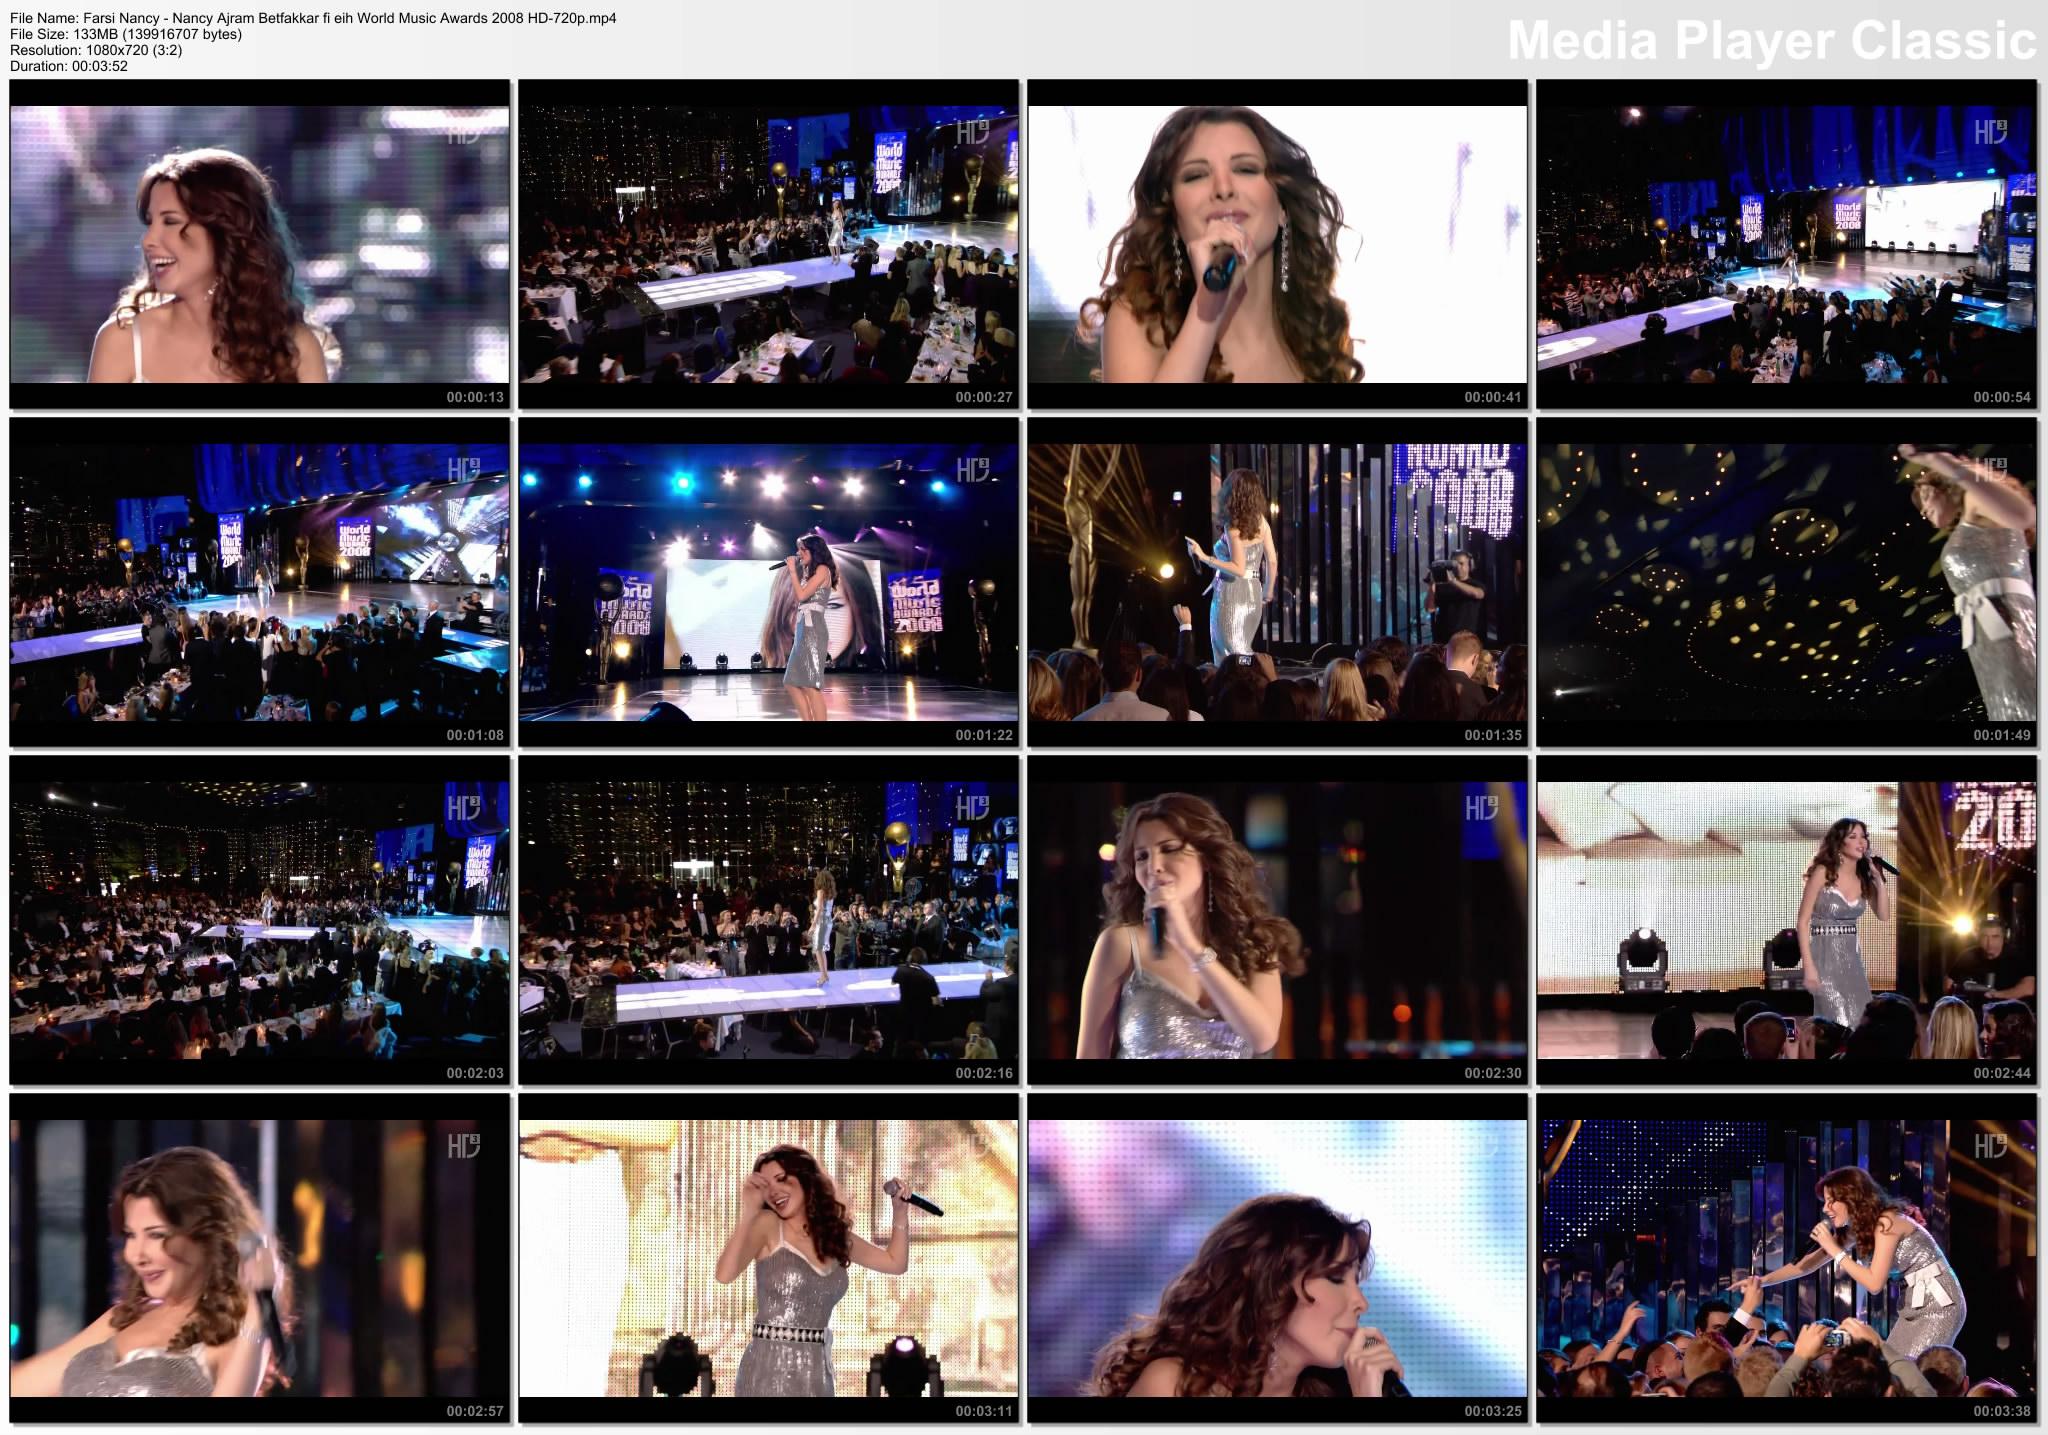 دانلود ویدیو اجرای بتفکر فی ایه نانسی عجرم در World Music Awards 2008 HD 720p